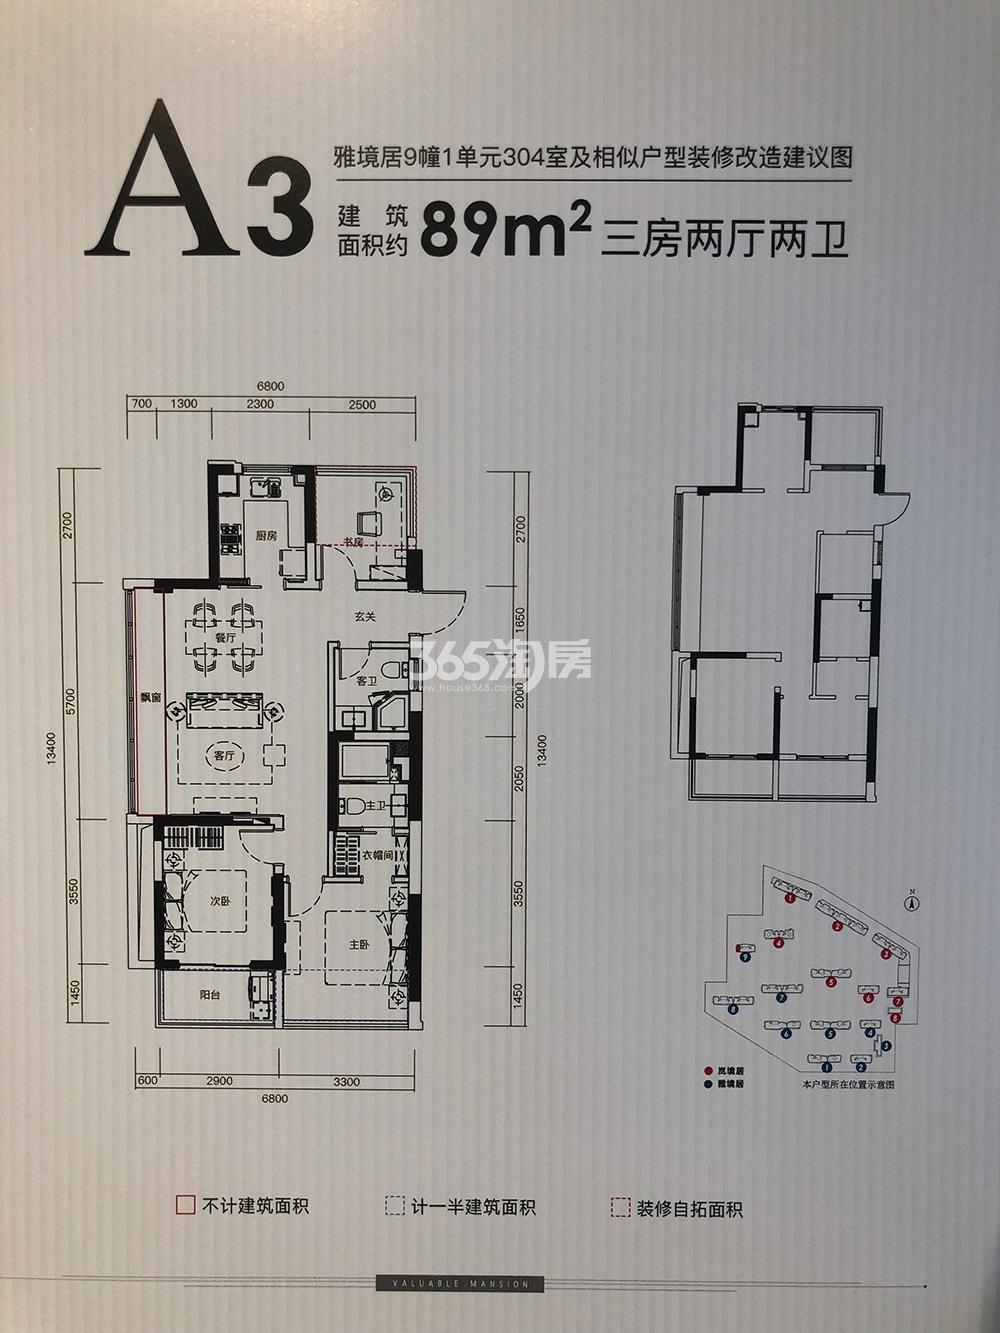 融创金成江南府9号楼A3户型89方